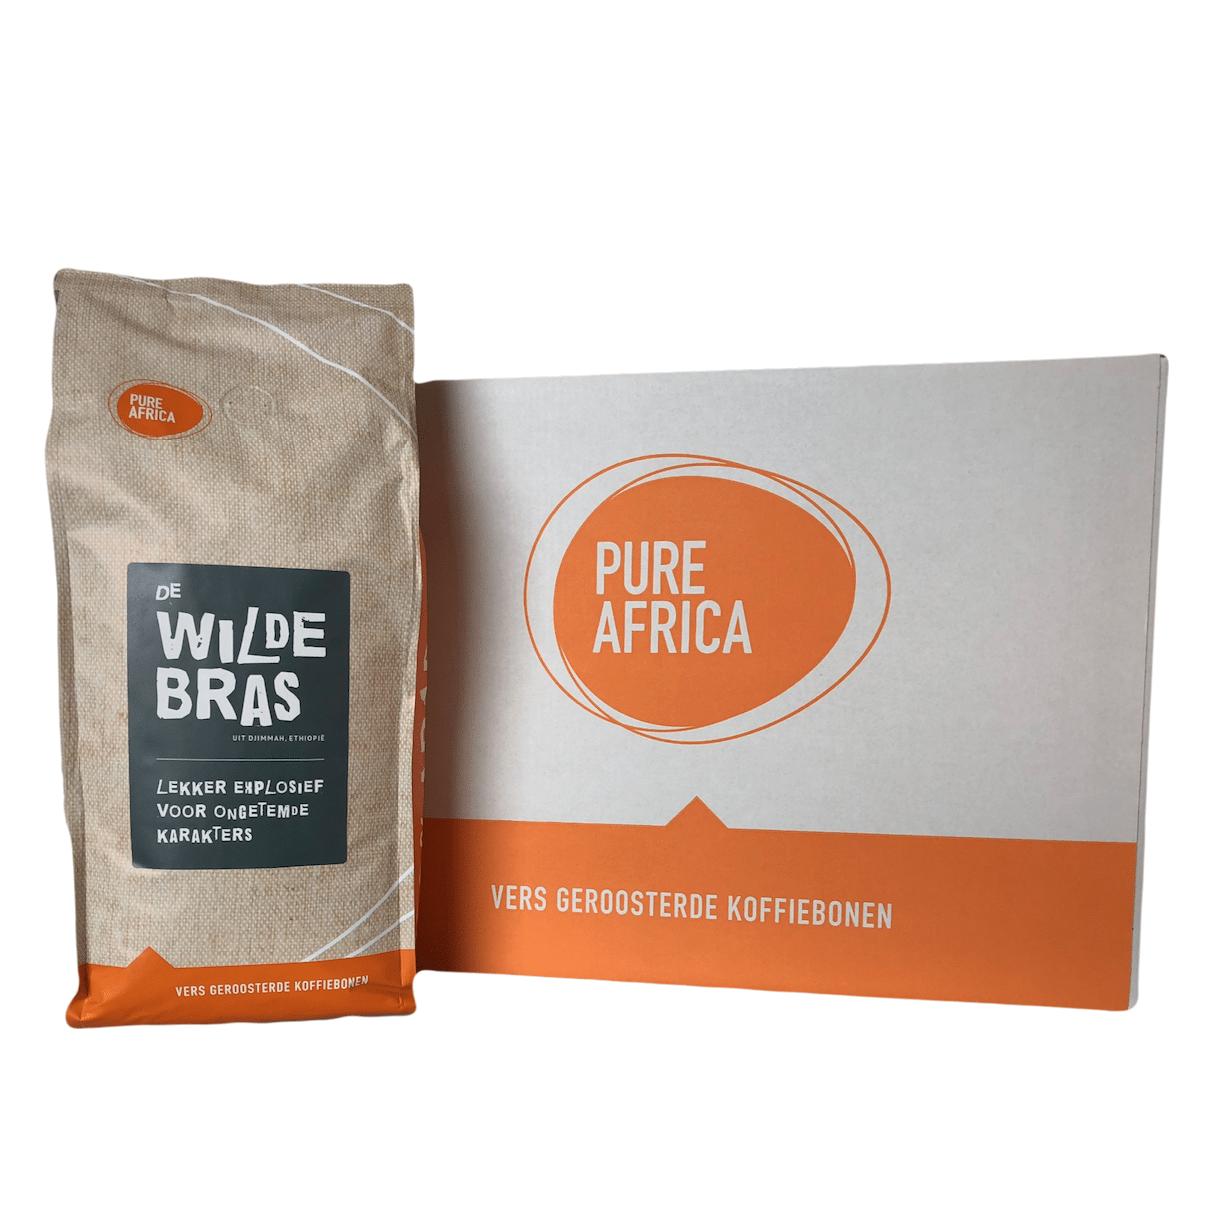 Doos Arabica koffiebonen van Pure Africa uit Ethiopie